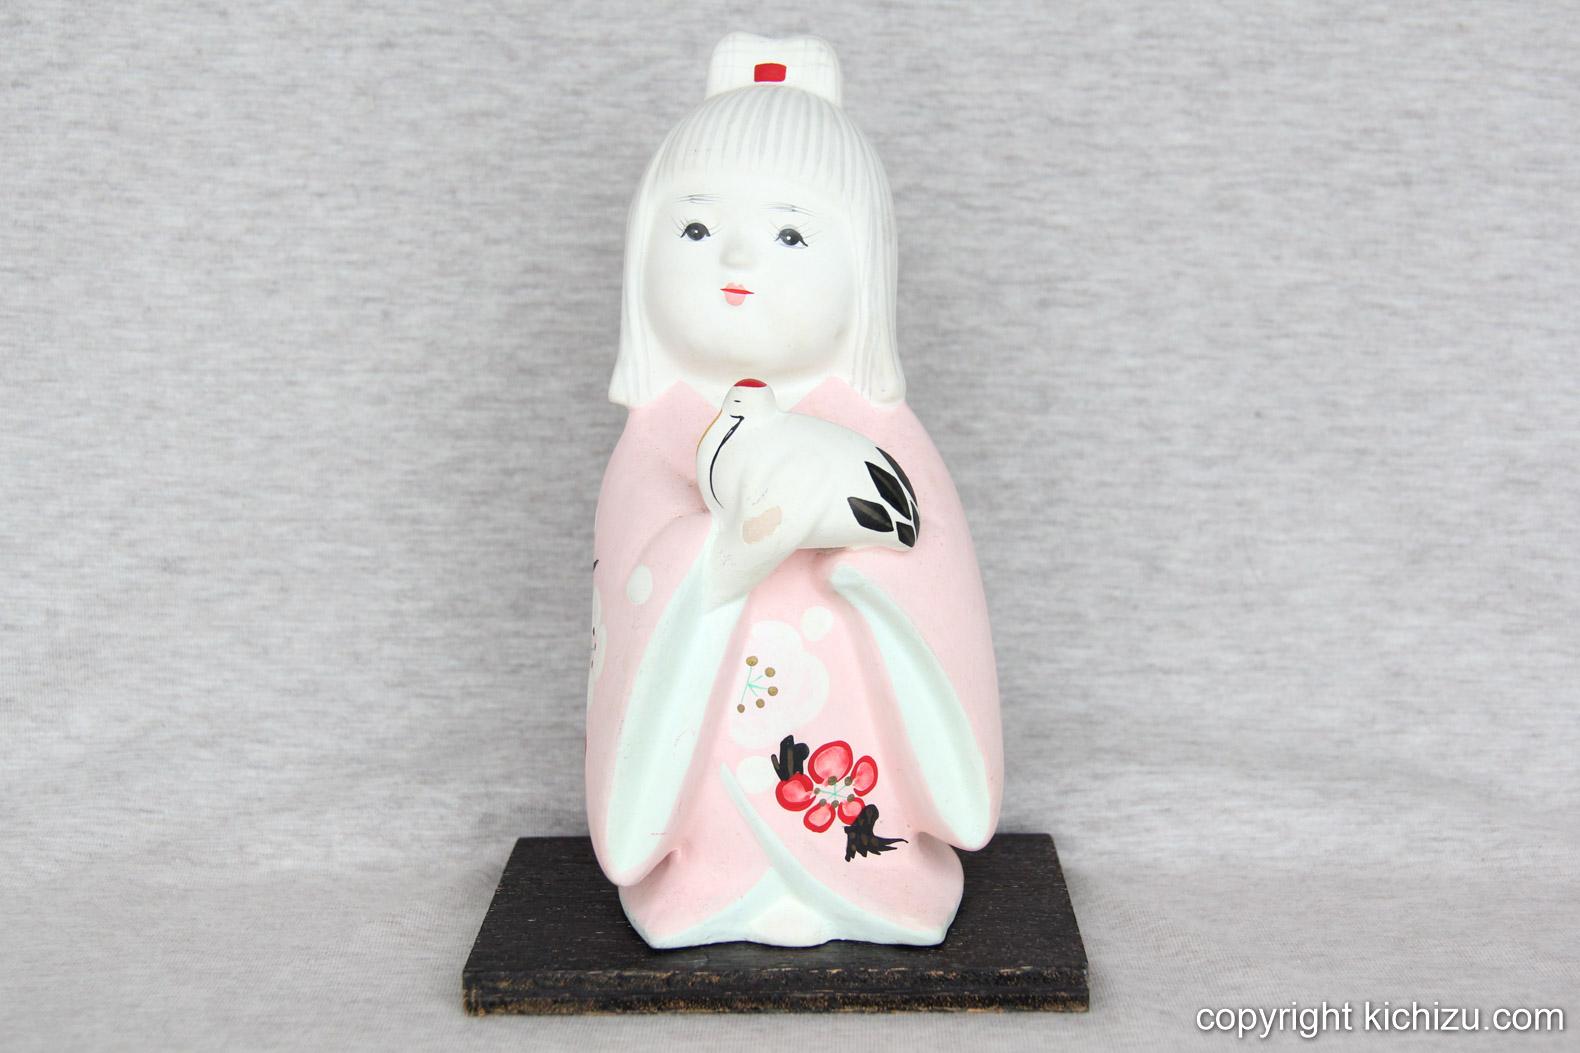 鳩を抱える女の子の瀬戸のも人形